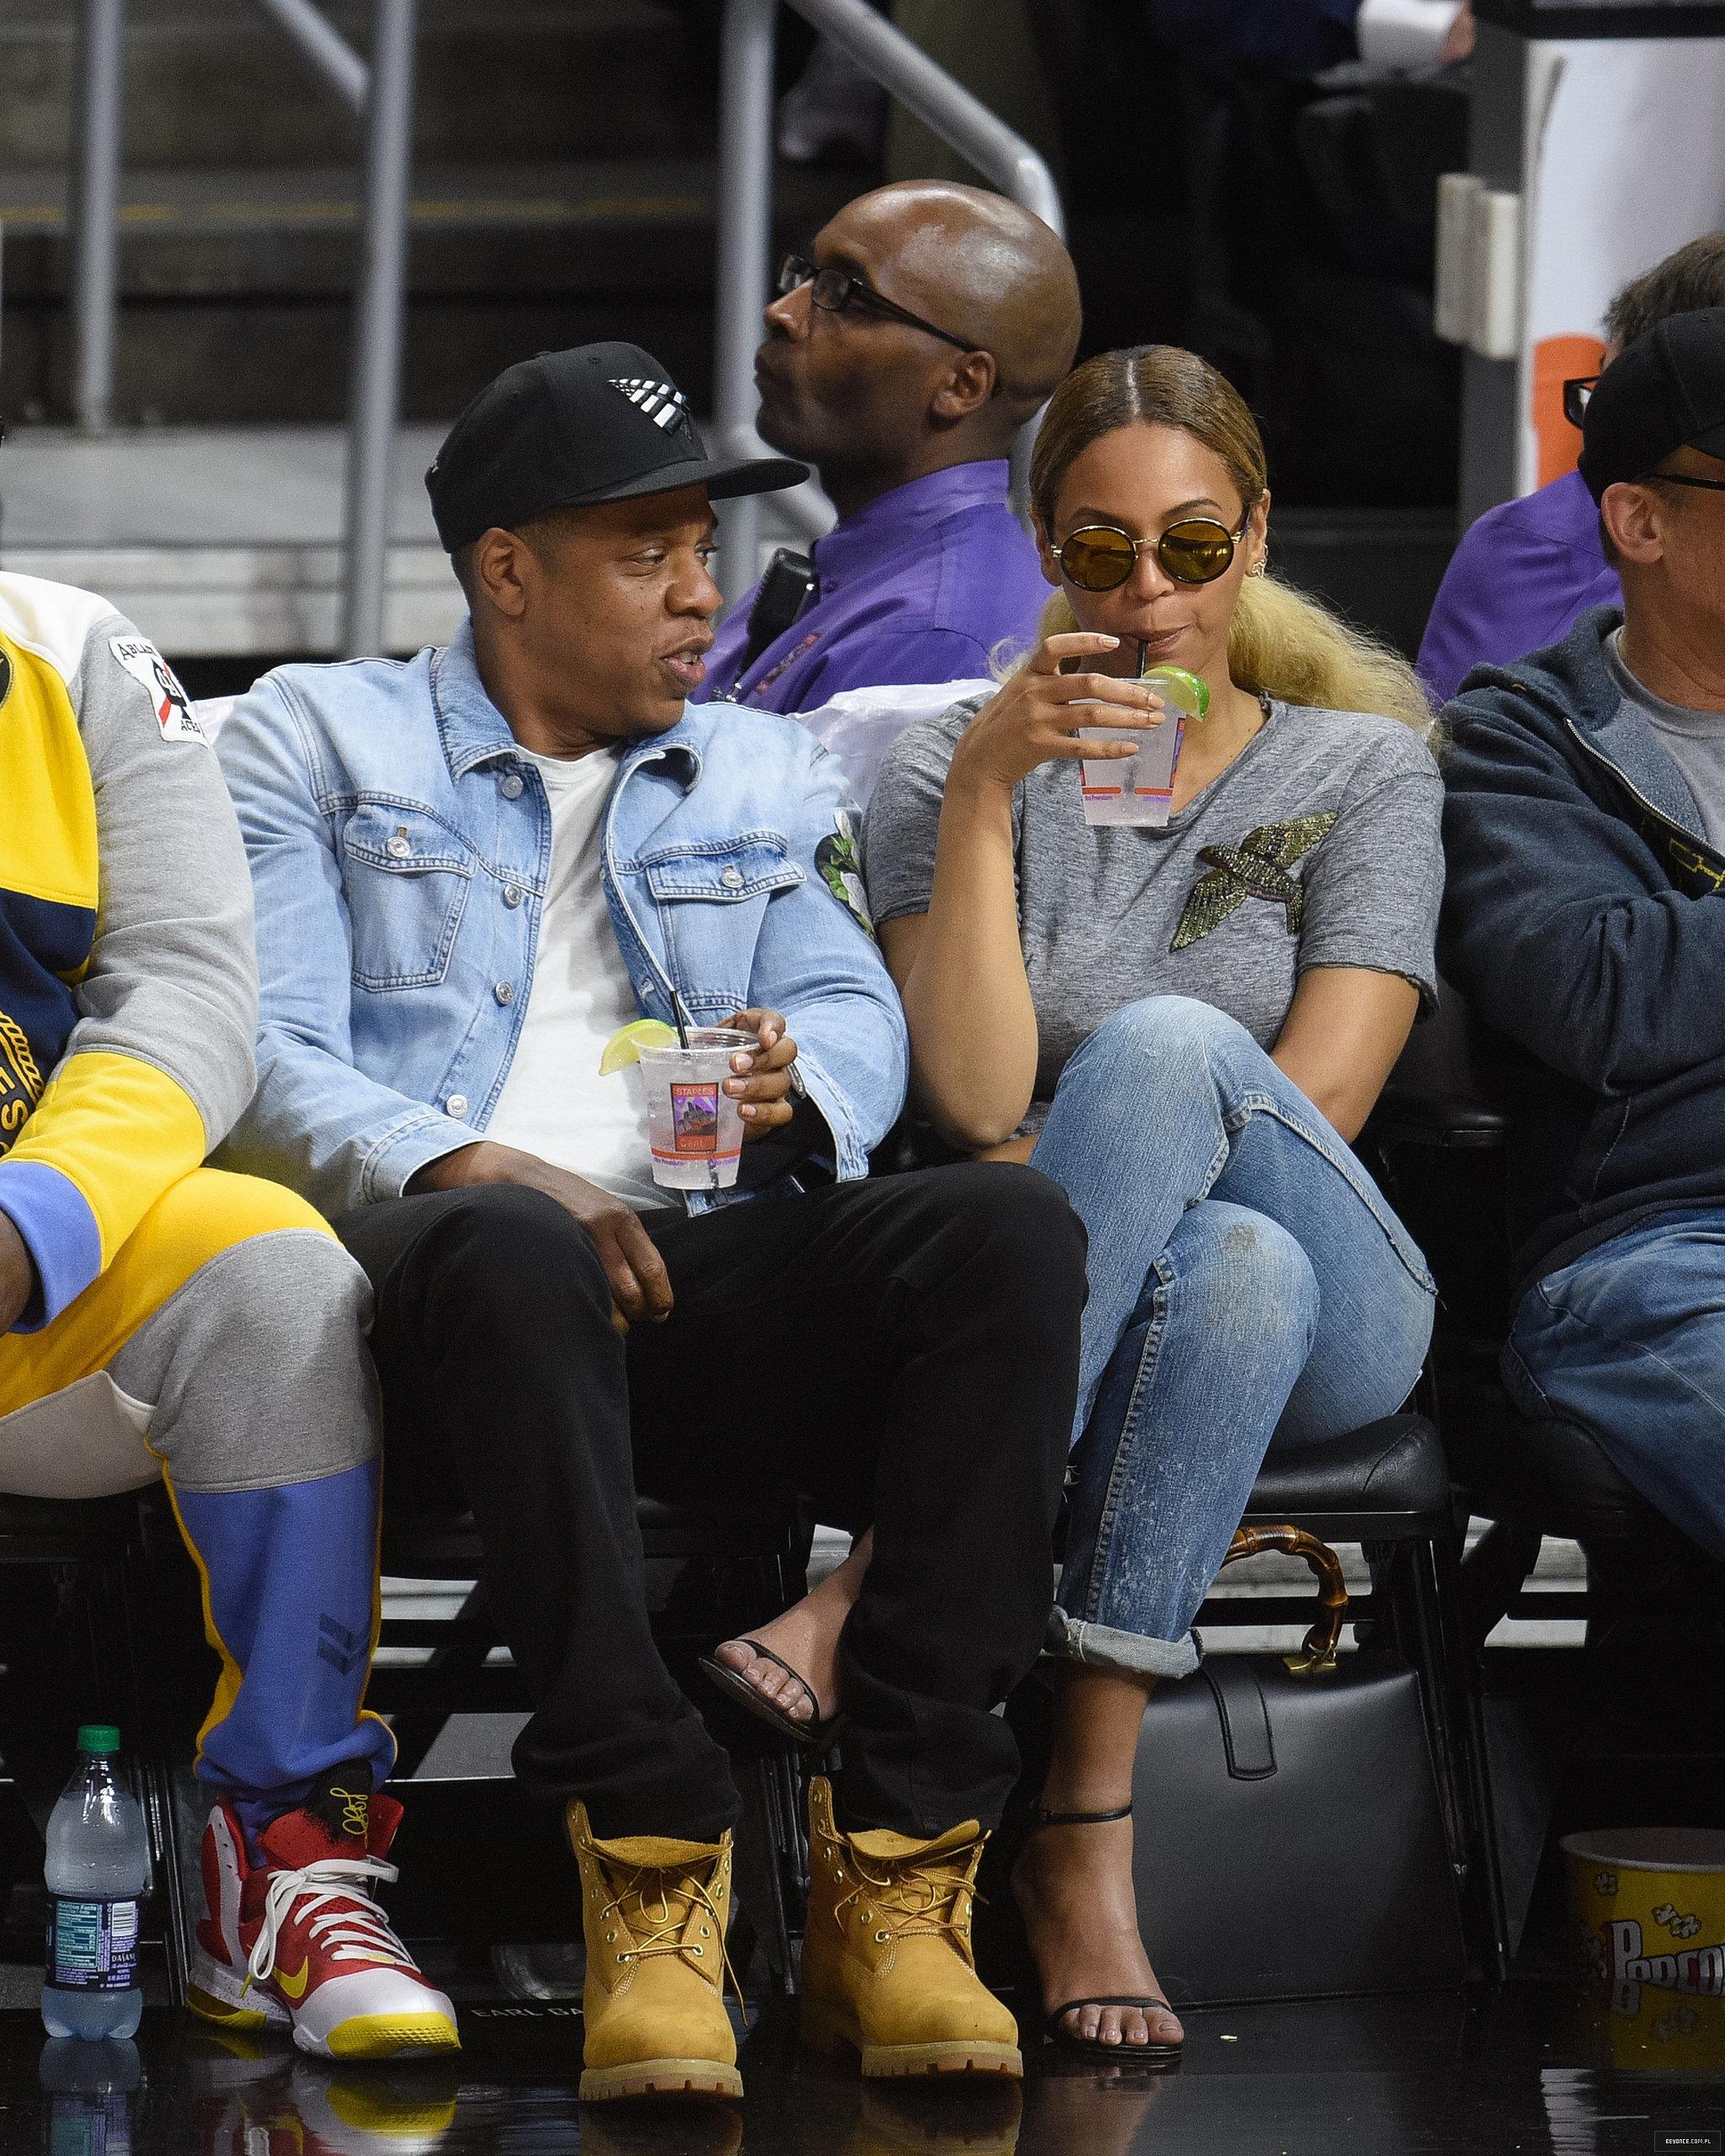 Beyoncé > Apariciones en público <Candids> [IV] - Página 2 29-02-2016game_26